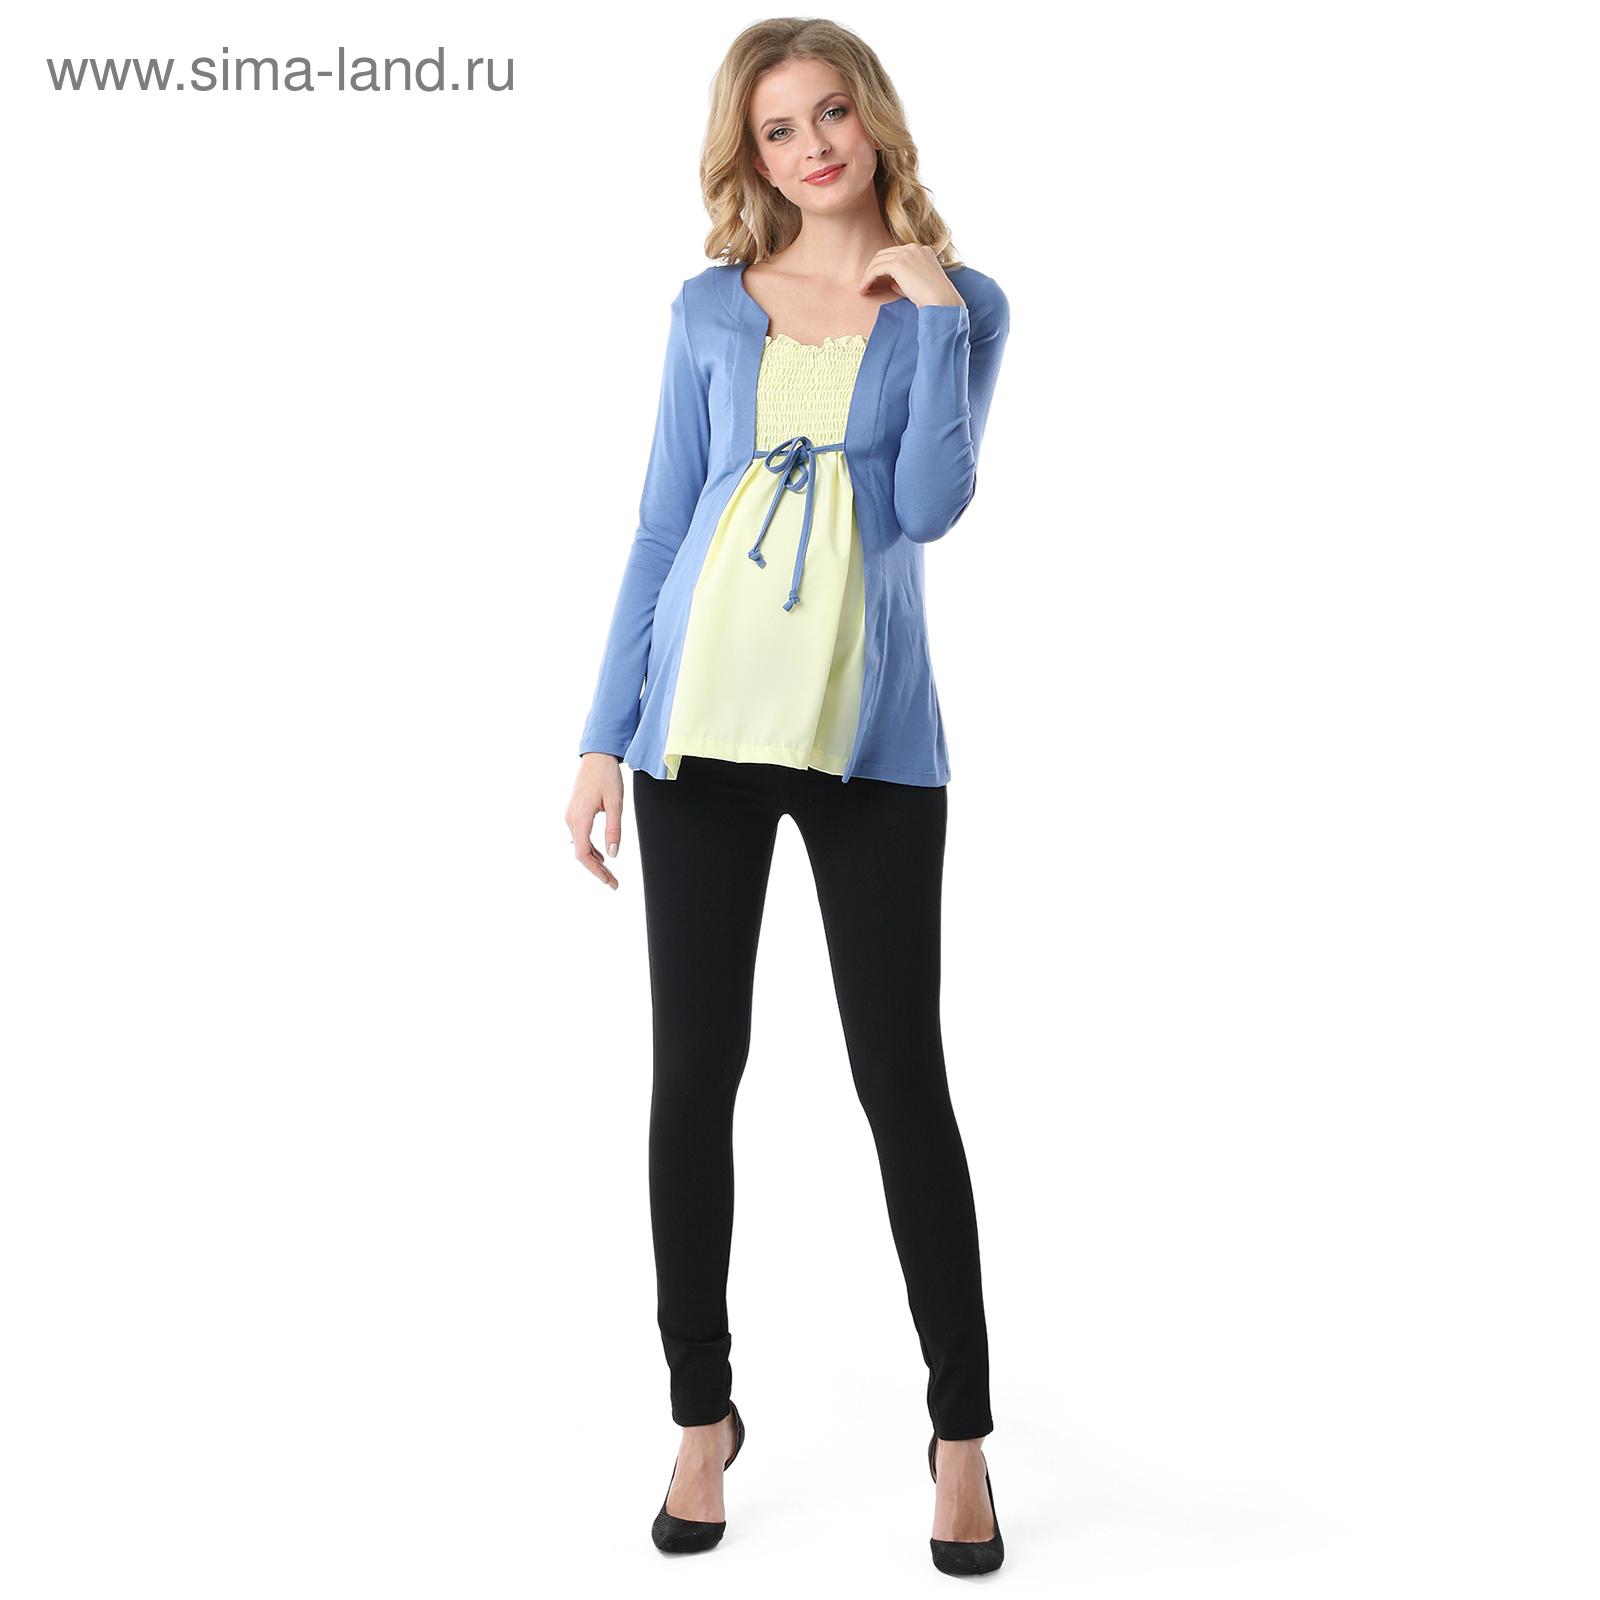 0f484f4e14d4c Блузка для беременных Анабель цвет индиго желтый, р-р 44 (3801480 ...